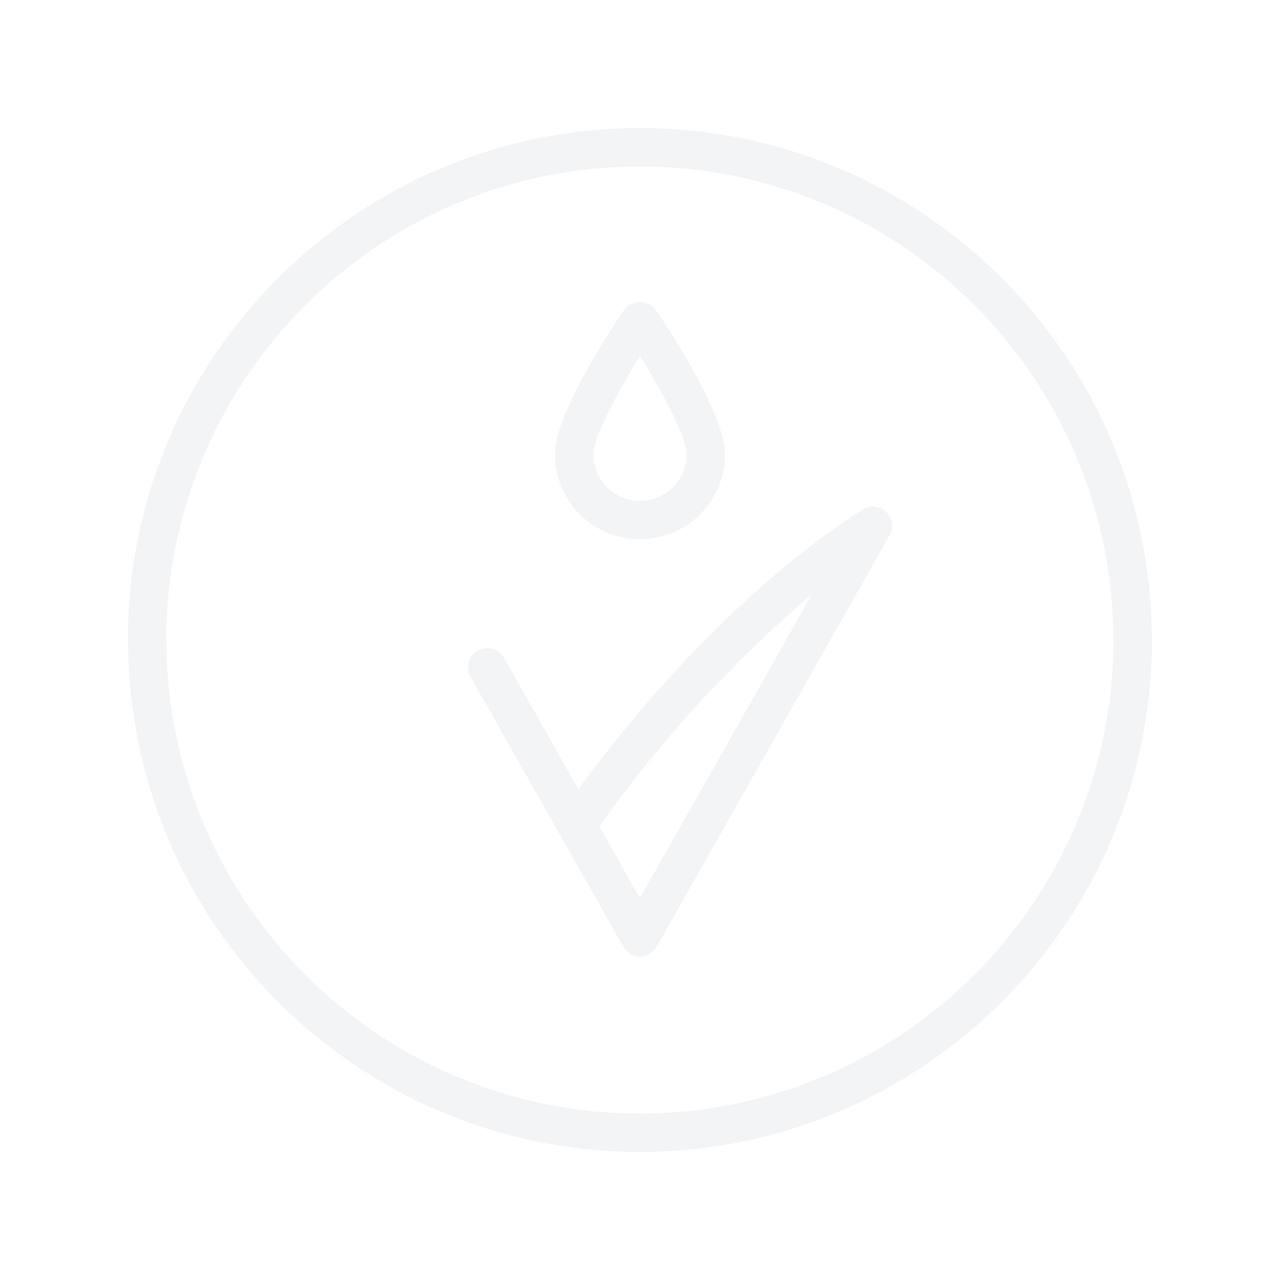 MAXEYLASH Eyelash Enhancing Serum сыворотка для роста ресниц 3ml